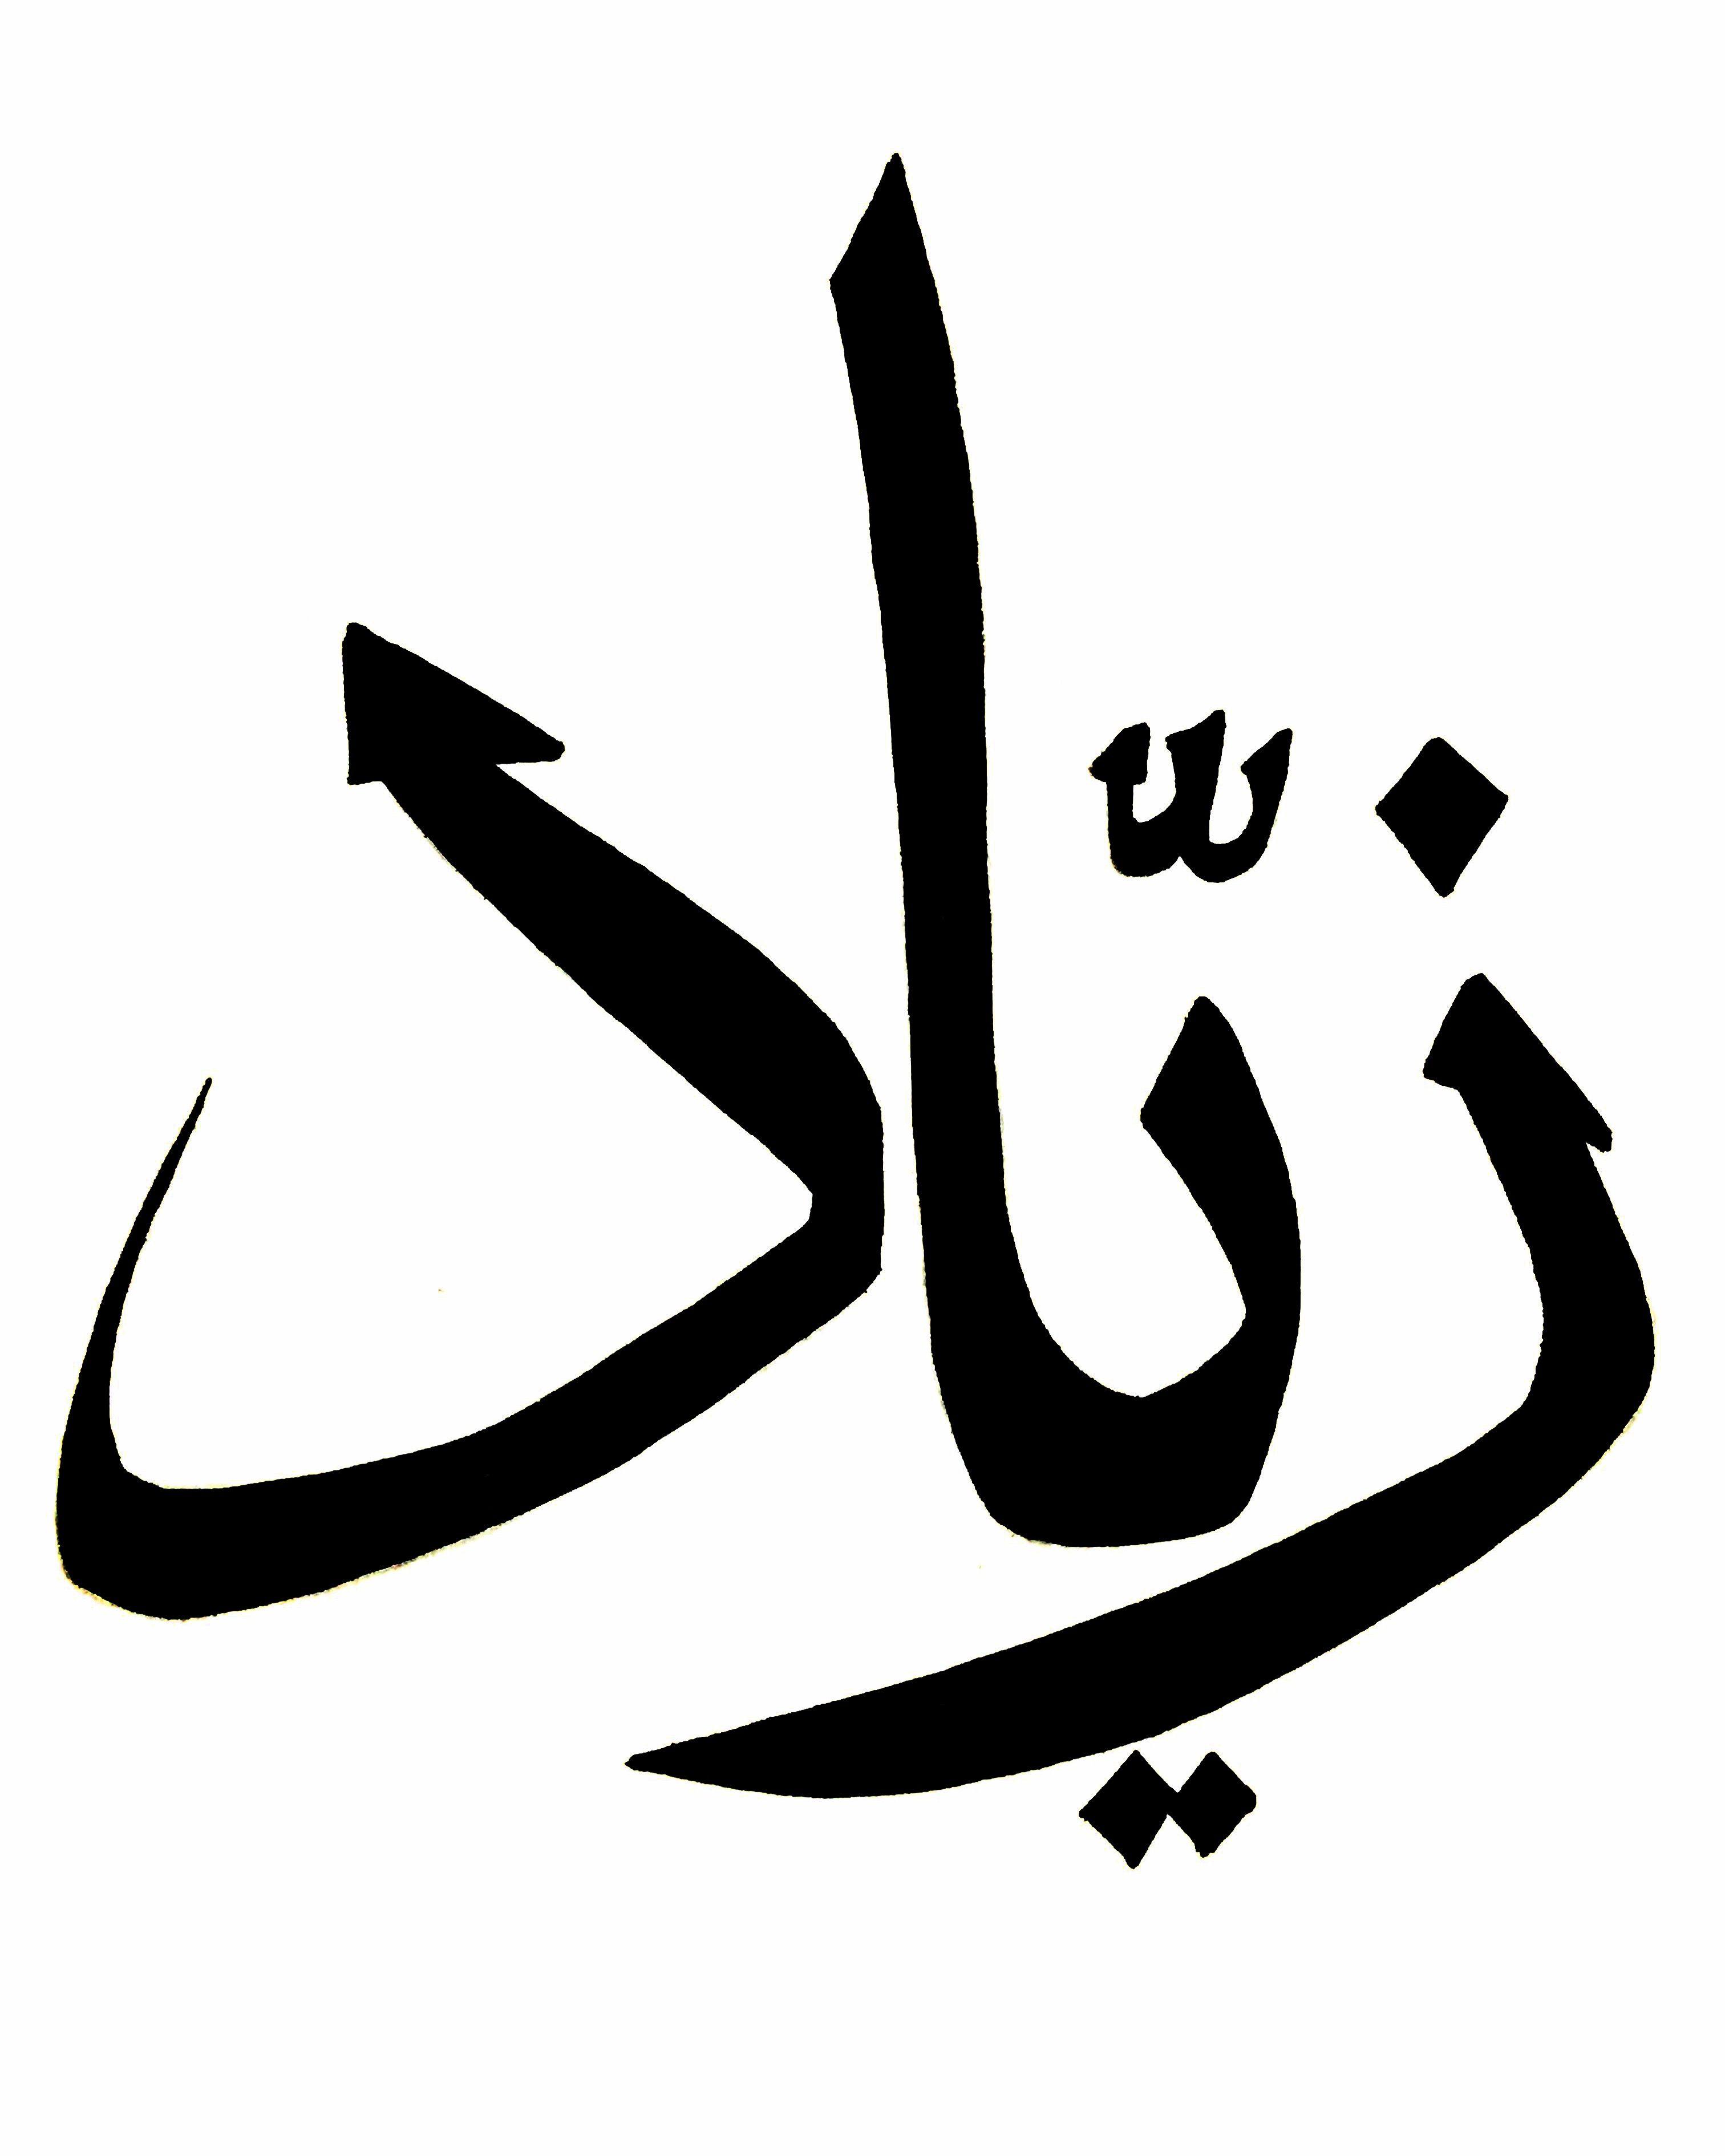 زياد أسماء Letters Symbols Calligraphy